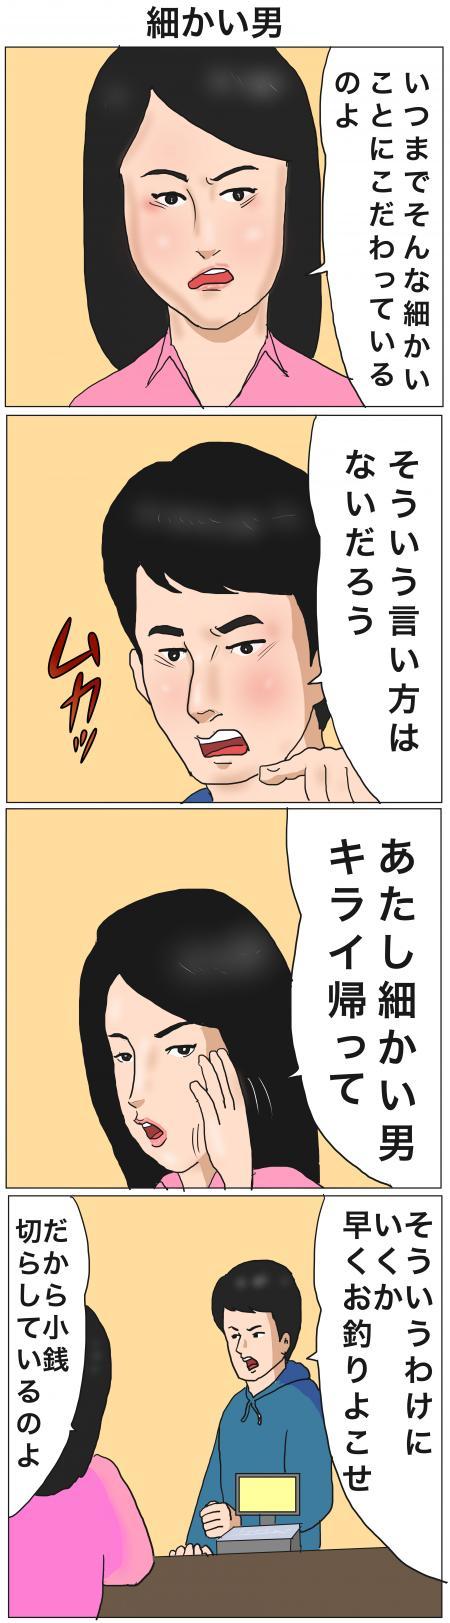 細かい男+のコピー_convert_20150329070510